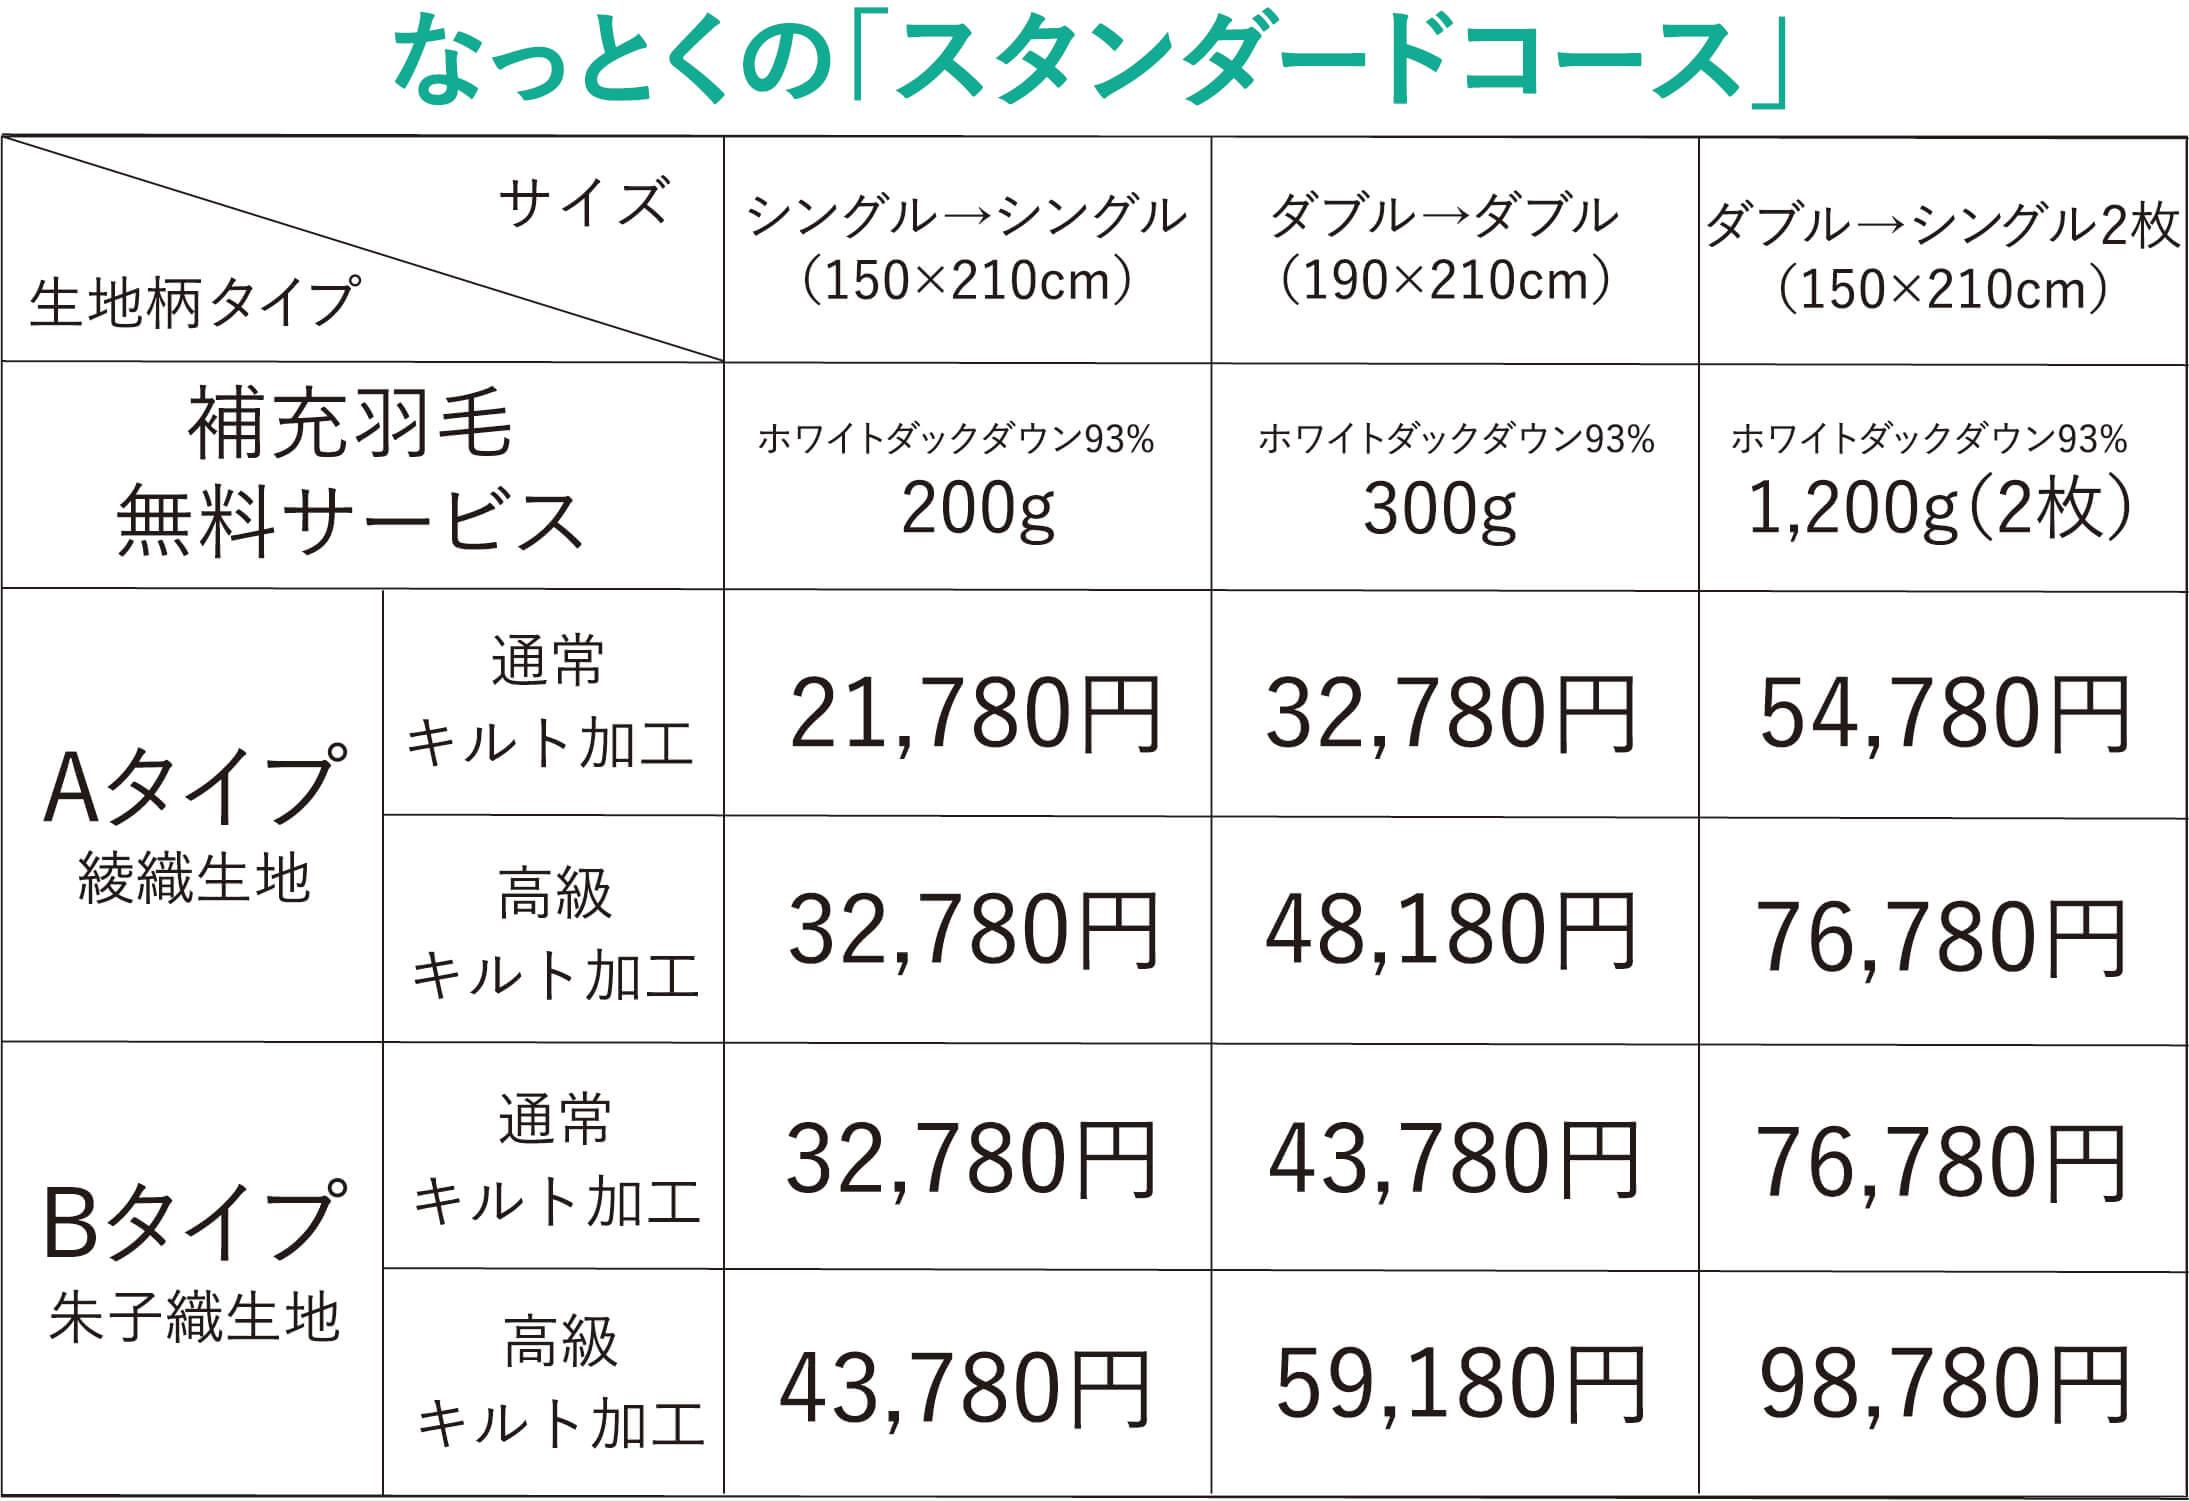 リフレッシュ価格表